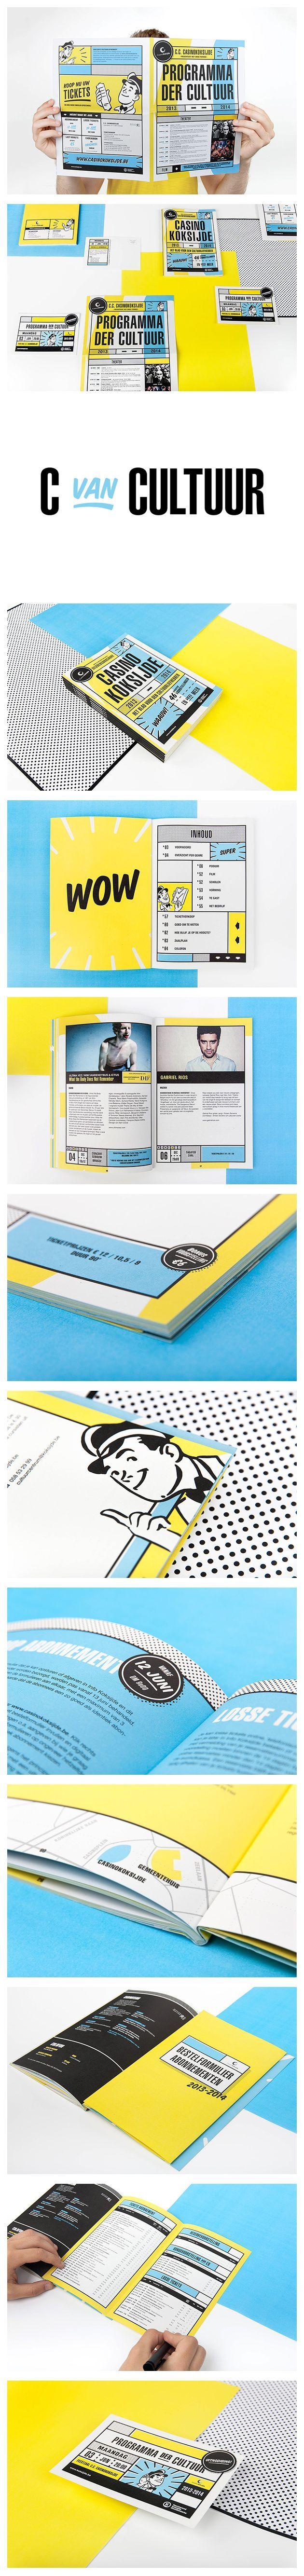 C.C. CASINO KOKSIJDE by skinn branding agency: